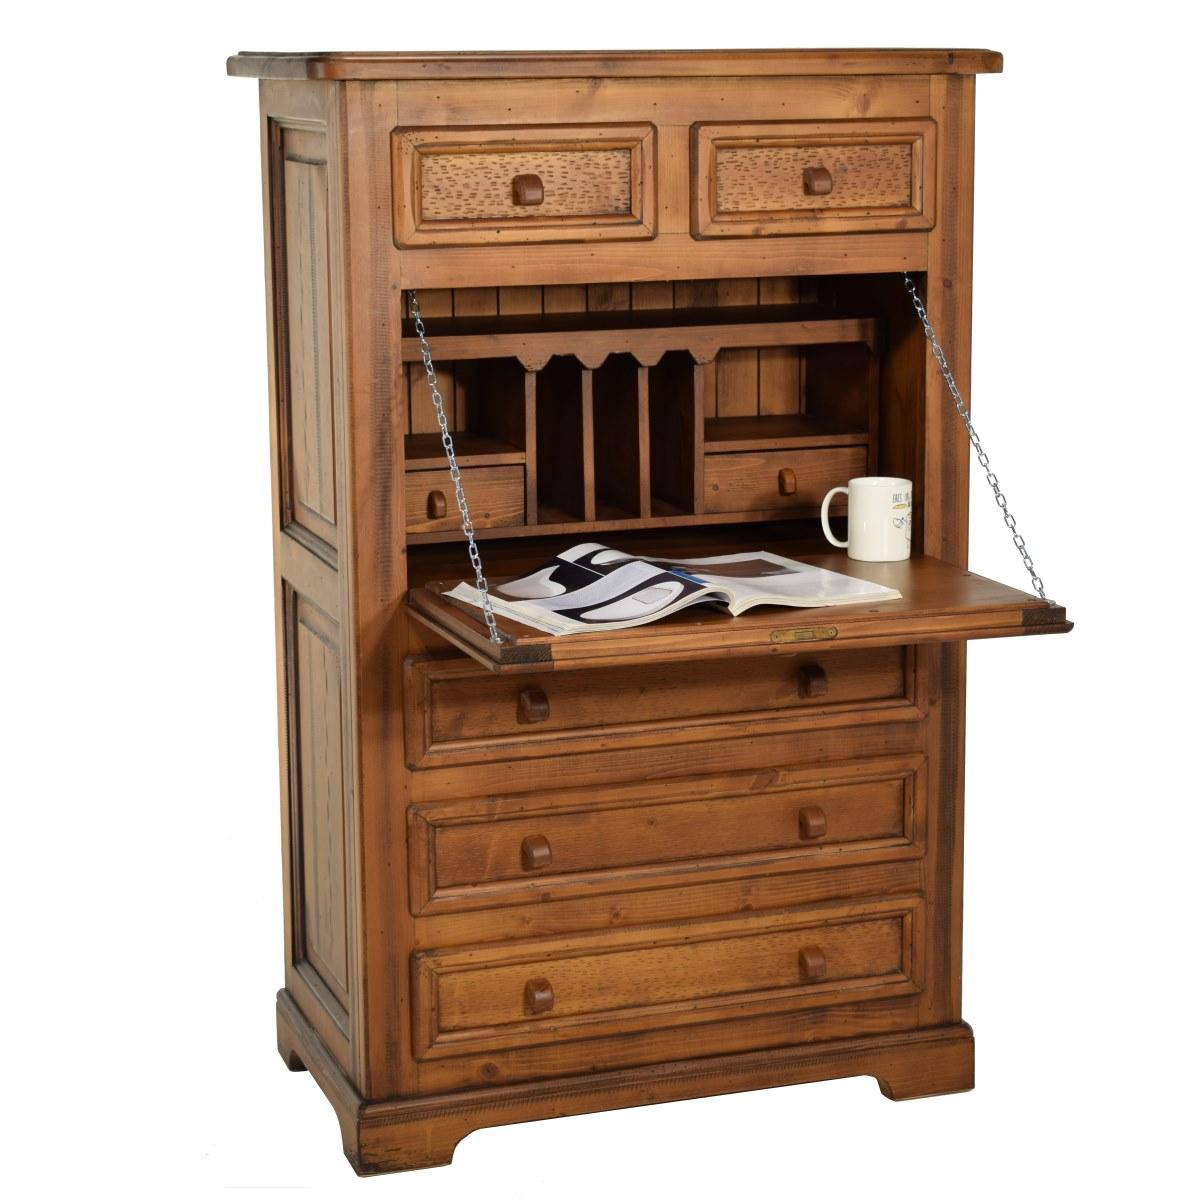 Escritorio secreter r stico de madera ecor stico venta - Escritorios rusticos de madera ...